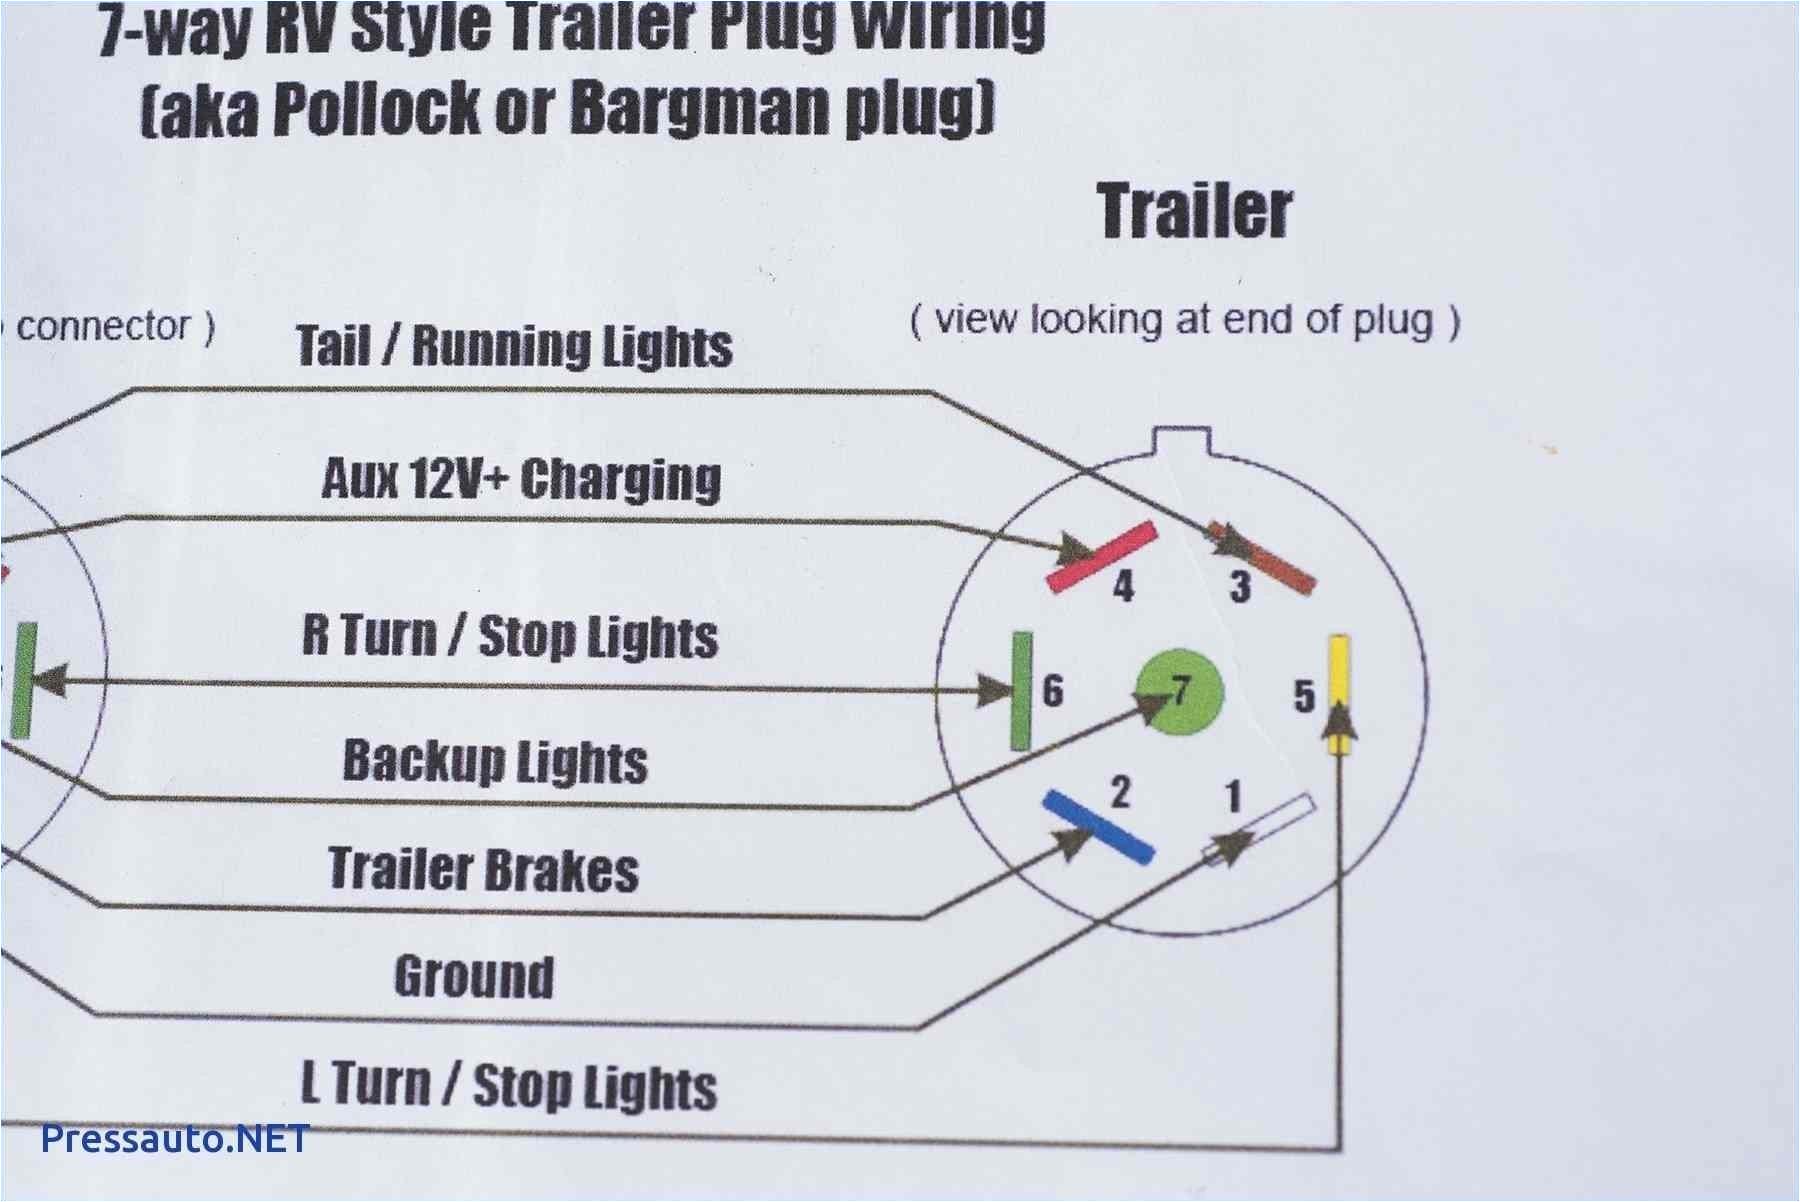 delta trailer wiring diagram search wiring diagram delta trailer wiring diagram